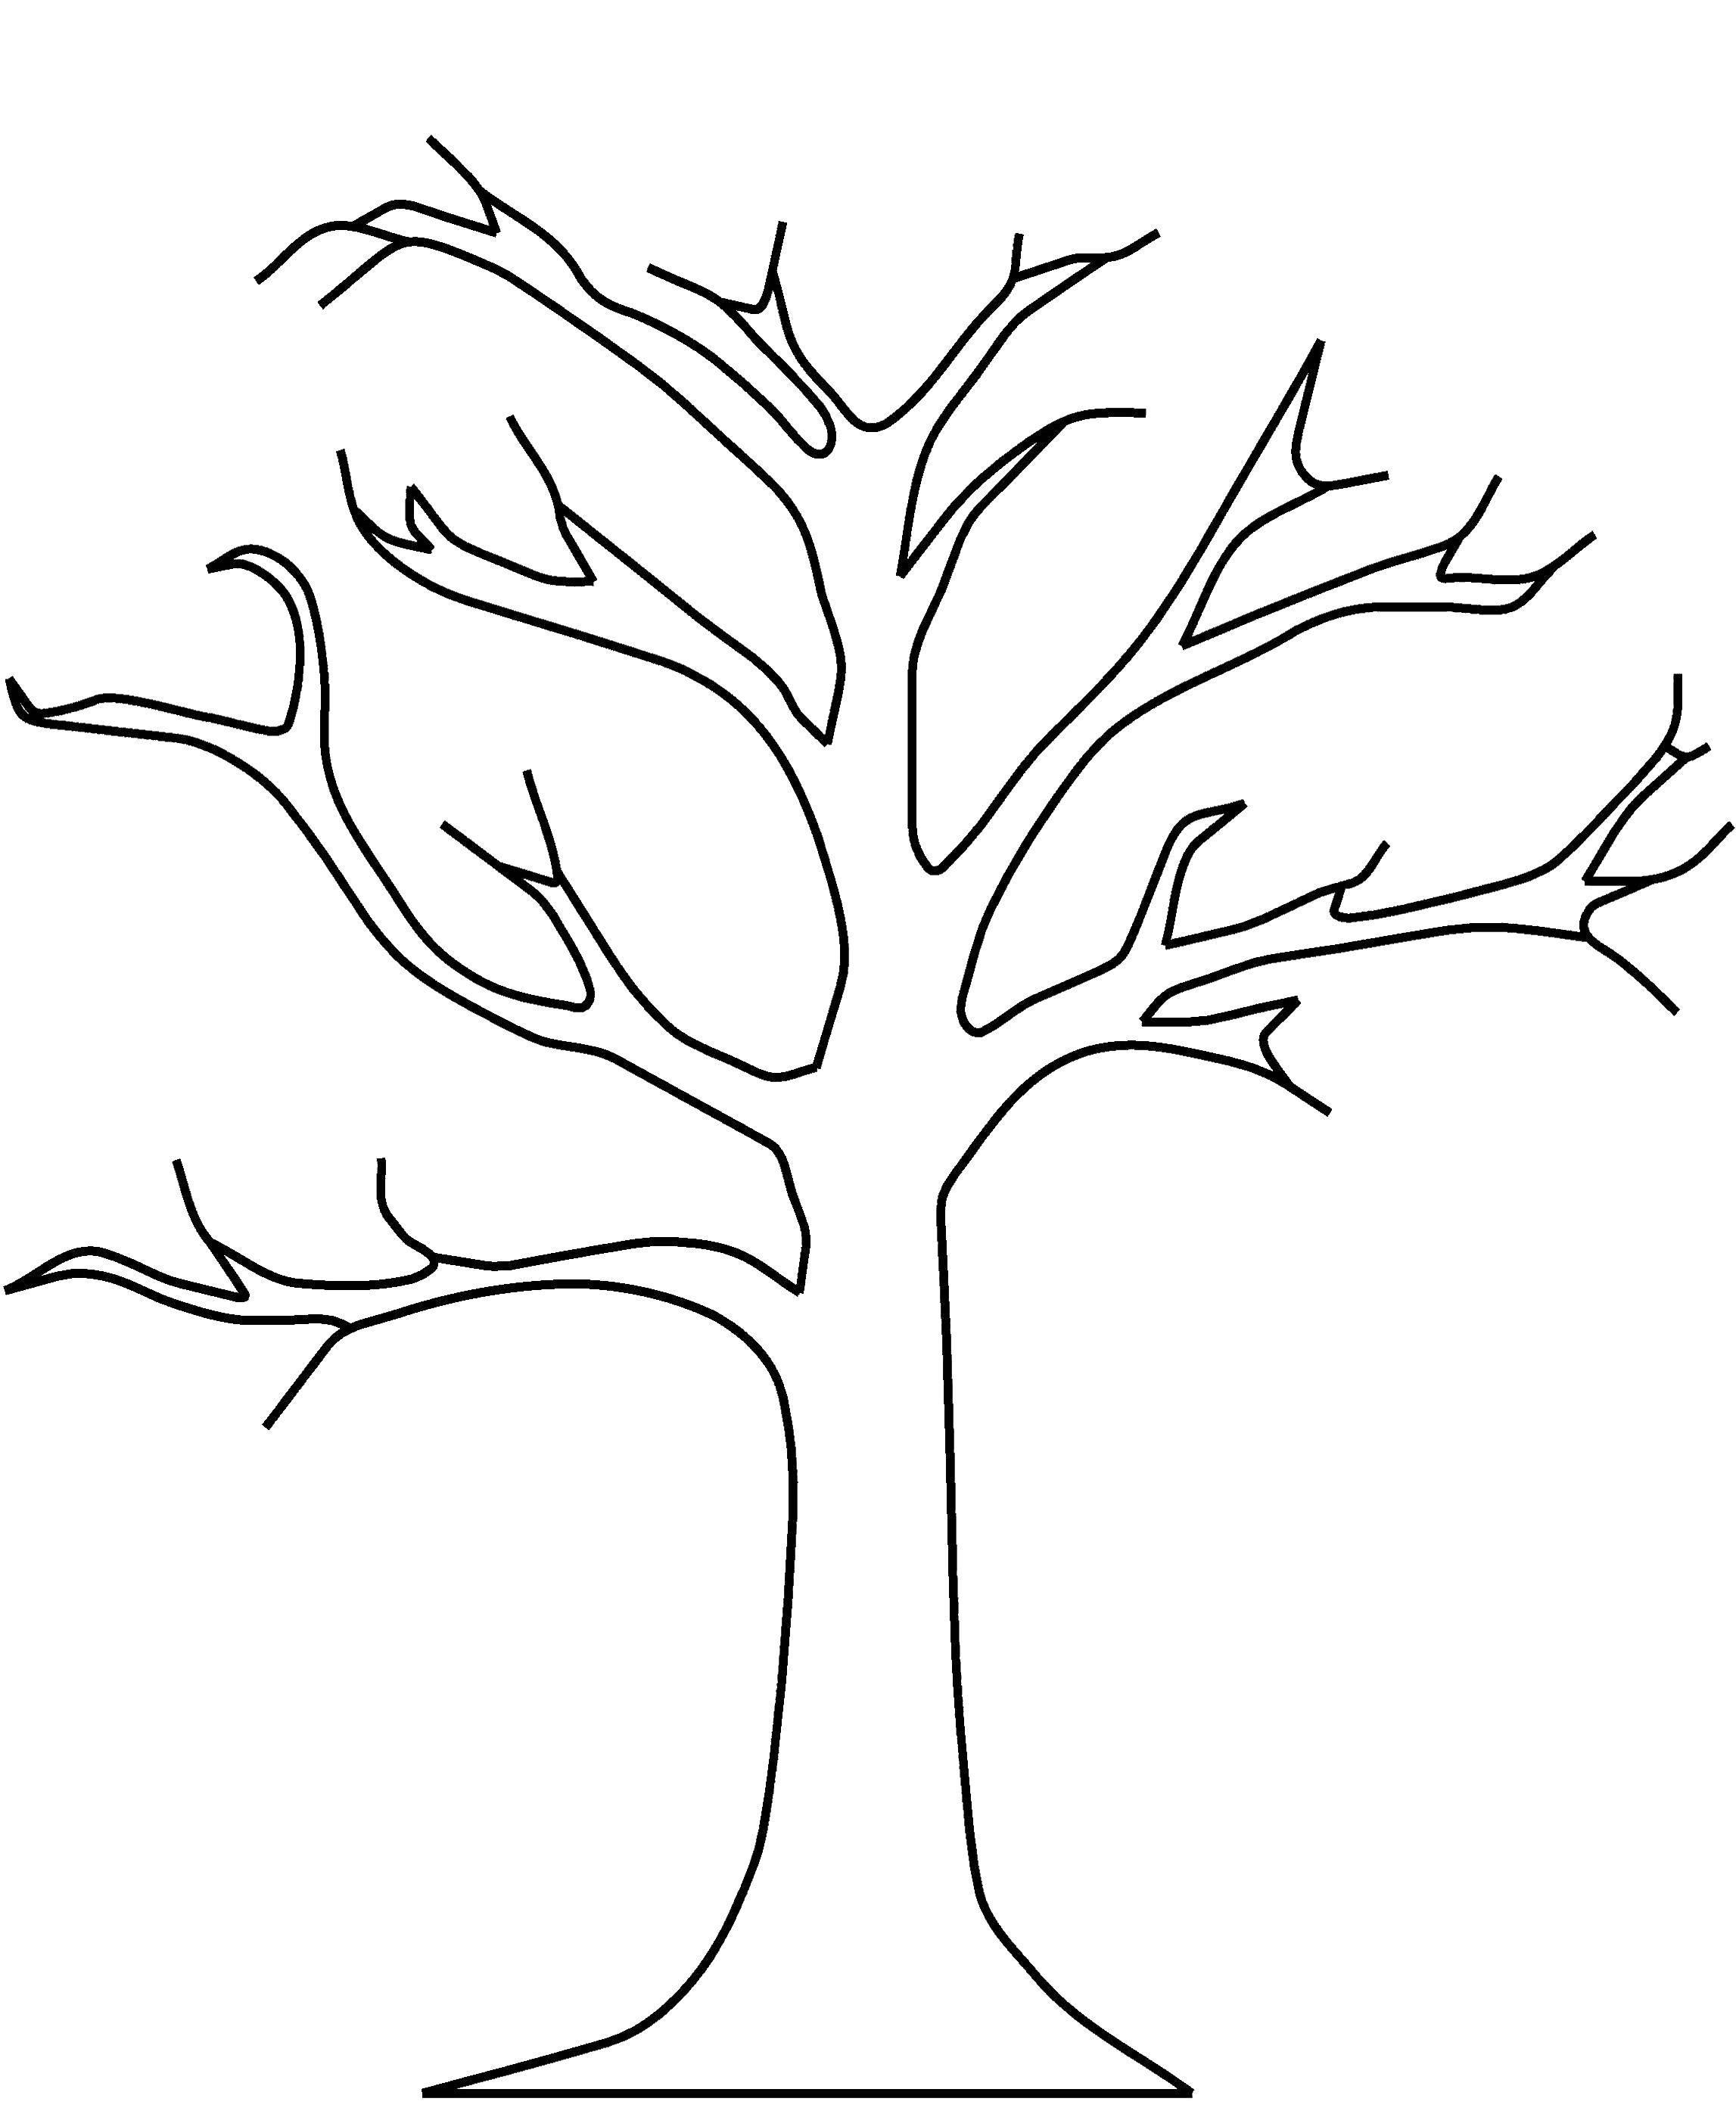 Раскраска Растительный мир Скачать ,деревья, ветки, ствол,.  Распечатать